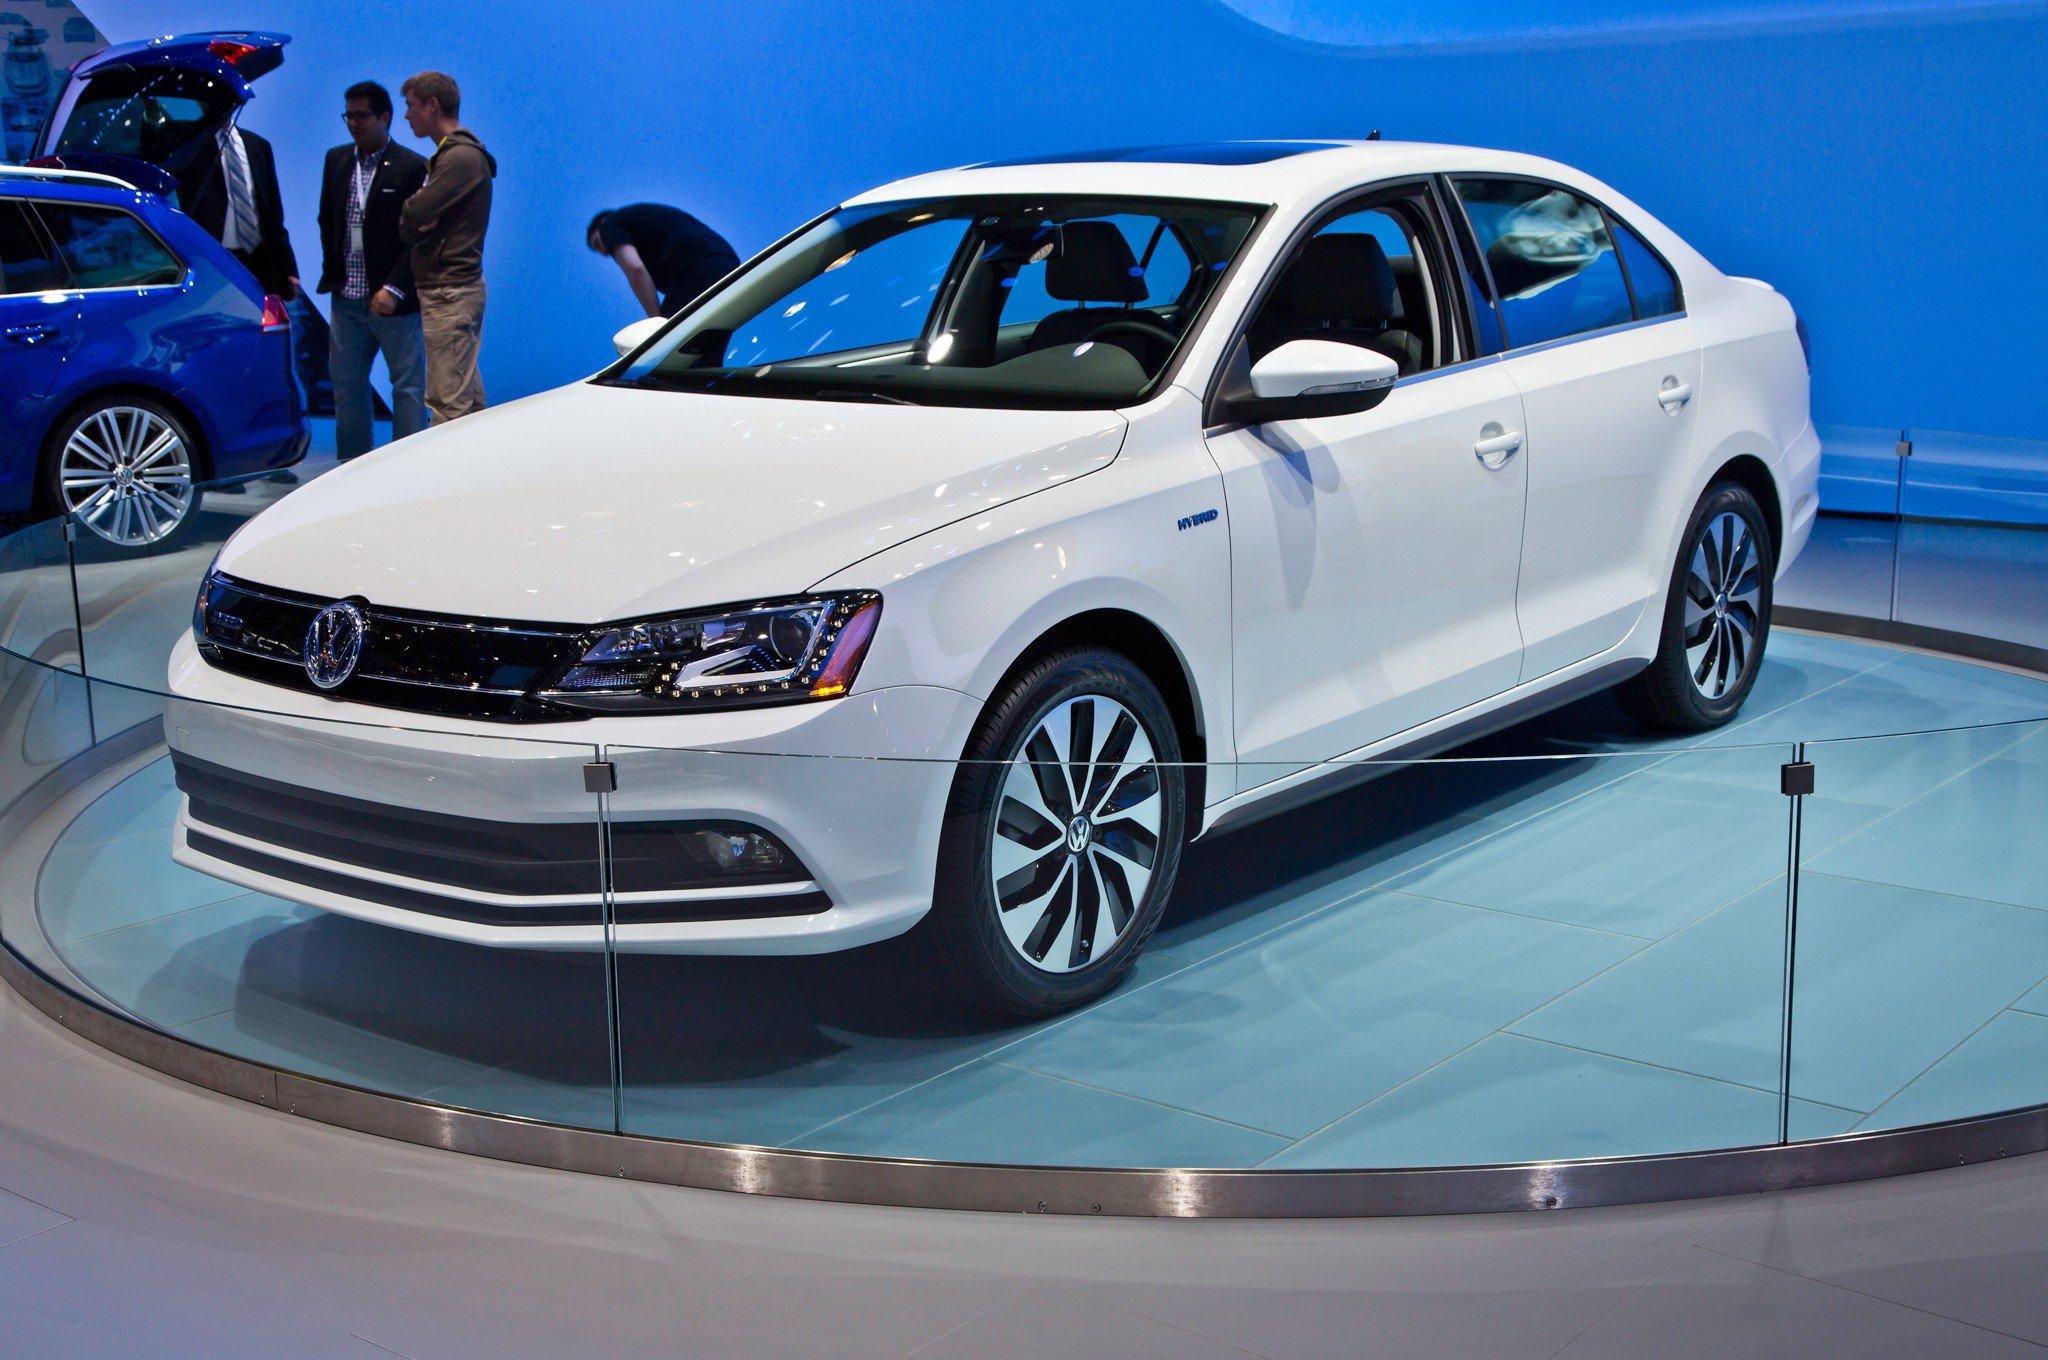 1401374229 03 - Тест-драйв Volkswagen Jetta (2015)